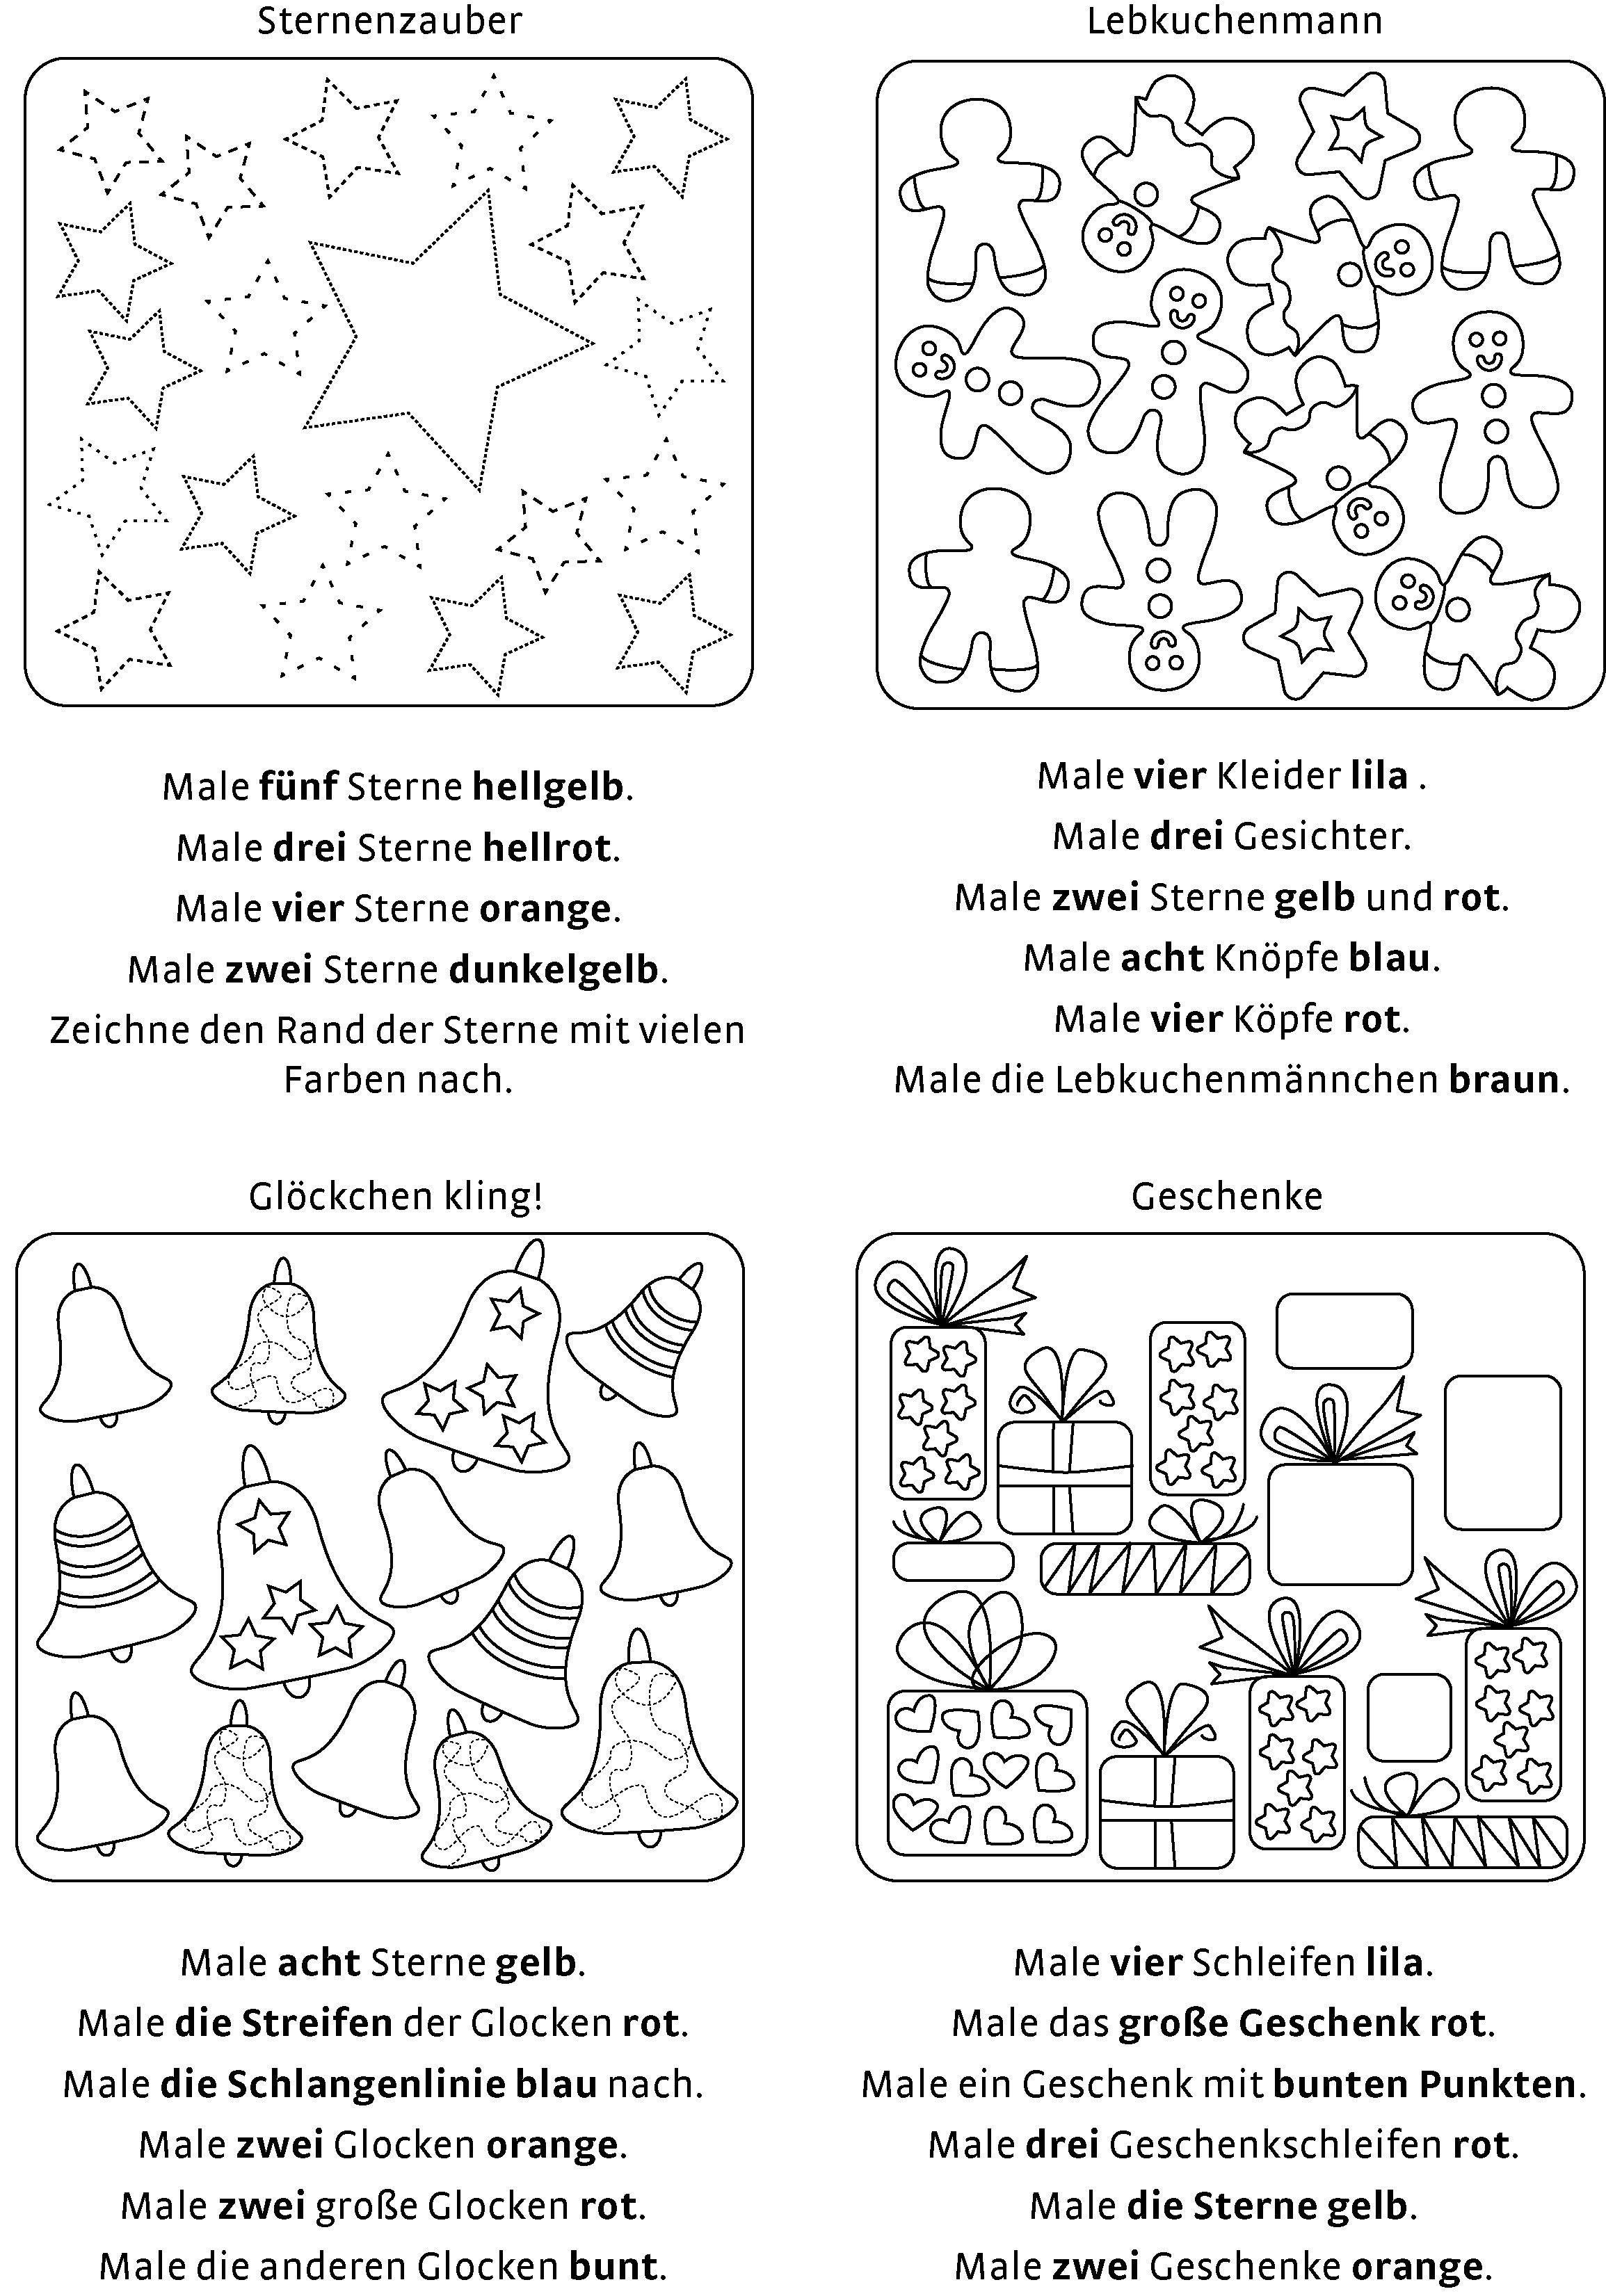 Malen Und Lesen 1 Klasse Weihnachten Lesemalbild Fur Den Adventskalender Erst Leser Ein Ratsel Zum Ausdrucken Vorschule Weihnachten Lesen Lernen 1 Klasse